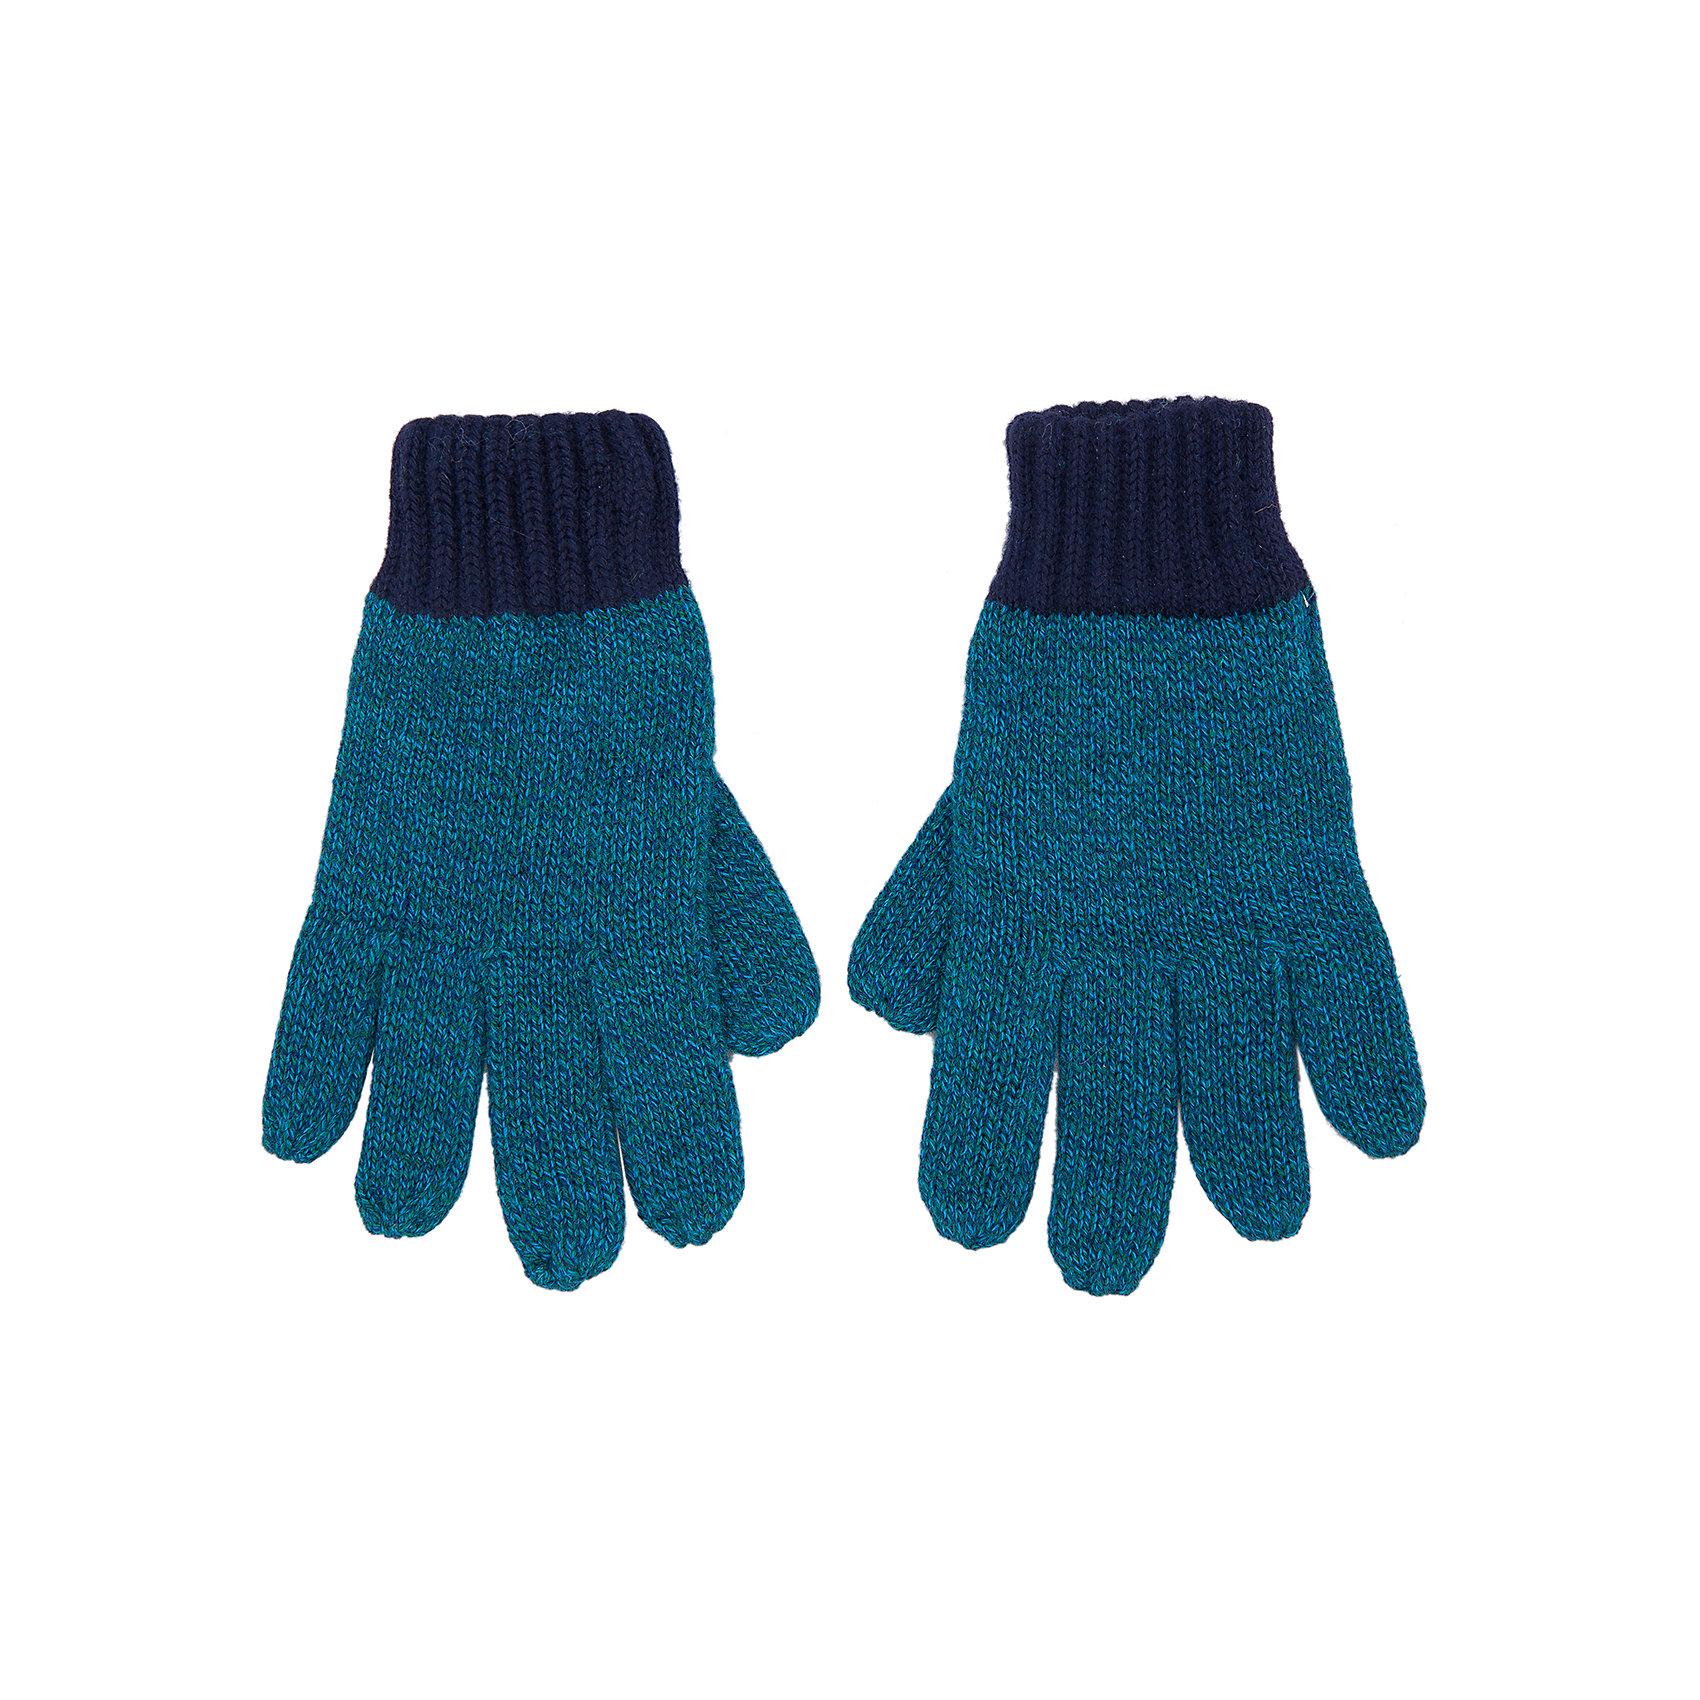 Перчатки для мальчика SELAДетская одежда от SELA - это качественные модные вещи по привлекательным ценам. Данная модель относится к коллекции нового сезона, она учитывает последние тренды в моде, поэтому смотрится стильно, с ней можно создать множество ансамблей.<br>Эти перчатки отлично садятся по руке. Резинки внизу изделий обеспечат ребенку тепло и удобство. В составе пряжи -  теплая шерсть. Изделие сшито из тщательно подобранных материалов, абсолютно безопасных для ребенка.<br><br>Дополнительная информация:<br><br>цвет: зеленый;<br>состав: 40% ПЭ, 30% акрил, 20% нейлон, 10% шерсть;<br>резинка внизу изделия.<br><br>Перчатки для мальчика от компании SELA можно купить в нашем магазине.<br><br>Ширина мм: 162<br>Глубина мм: 171<br>Высота мм: 55<br>Вес г: 119<br>Цвет: зеленый<br>Возраст от месяцев: 96<br>Возраст до месяцев: 120<br>Пол: Мужской<br>Возраст: Детский<br>Размер: 16,18<br>SKU: 4913034